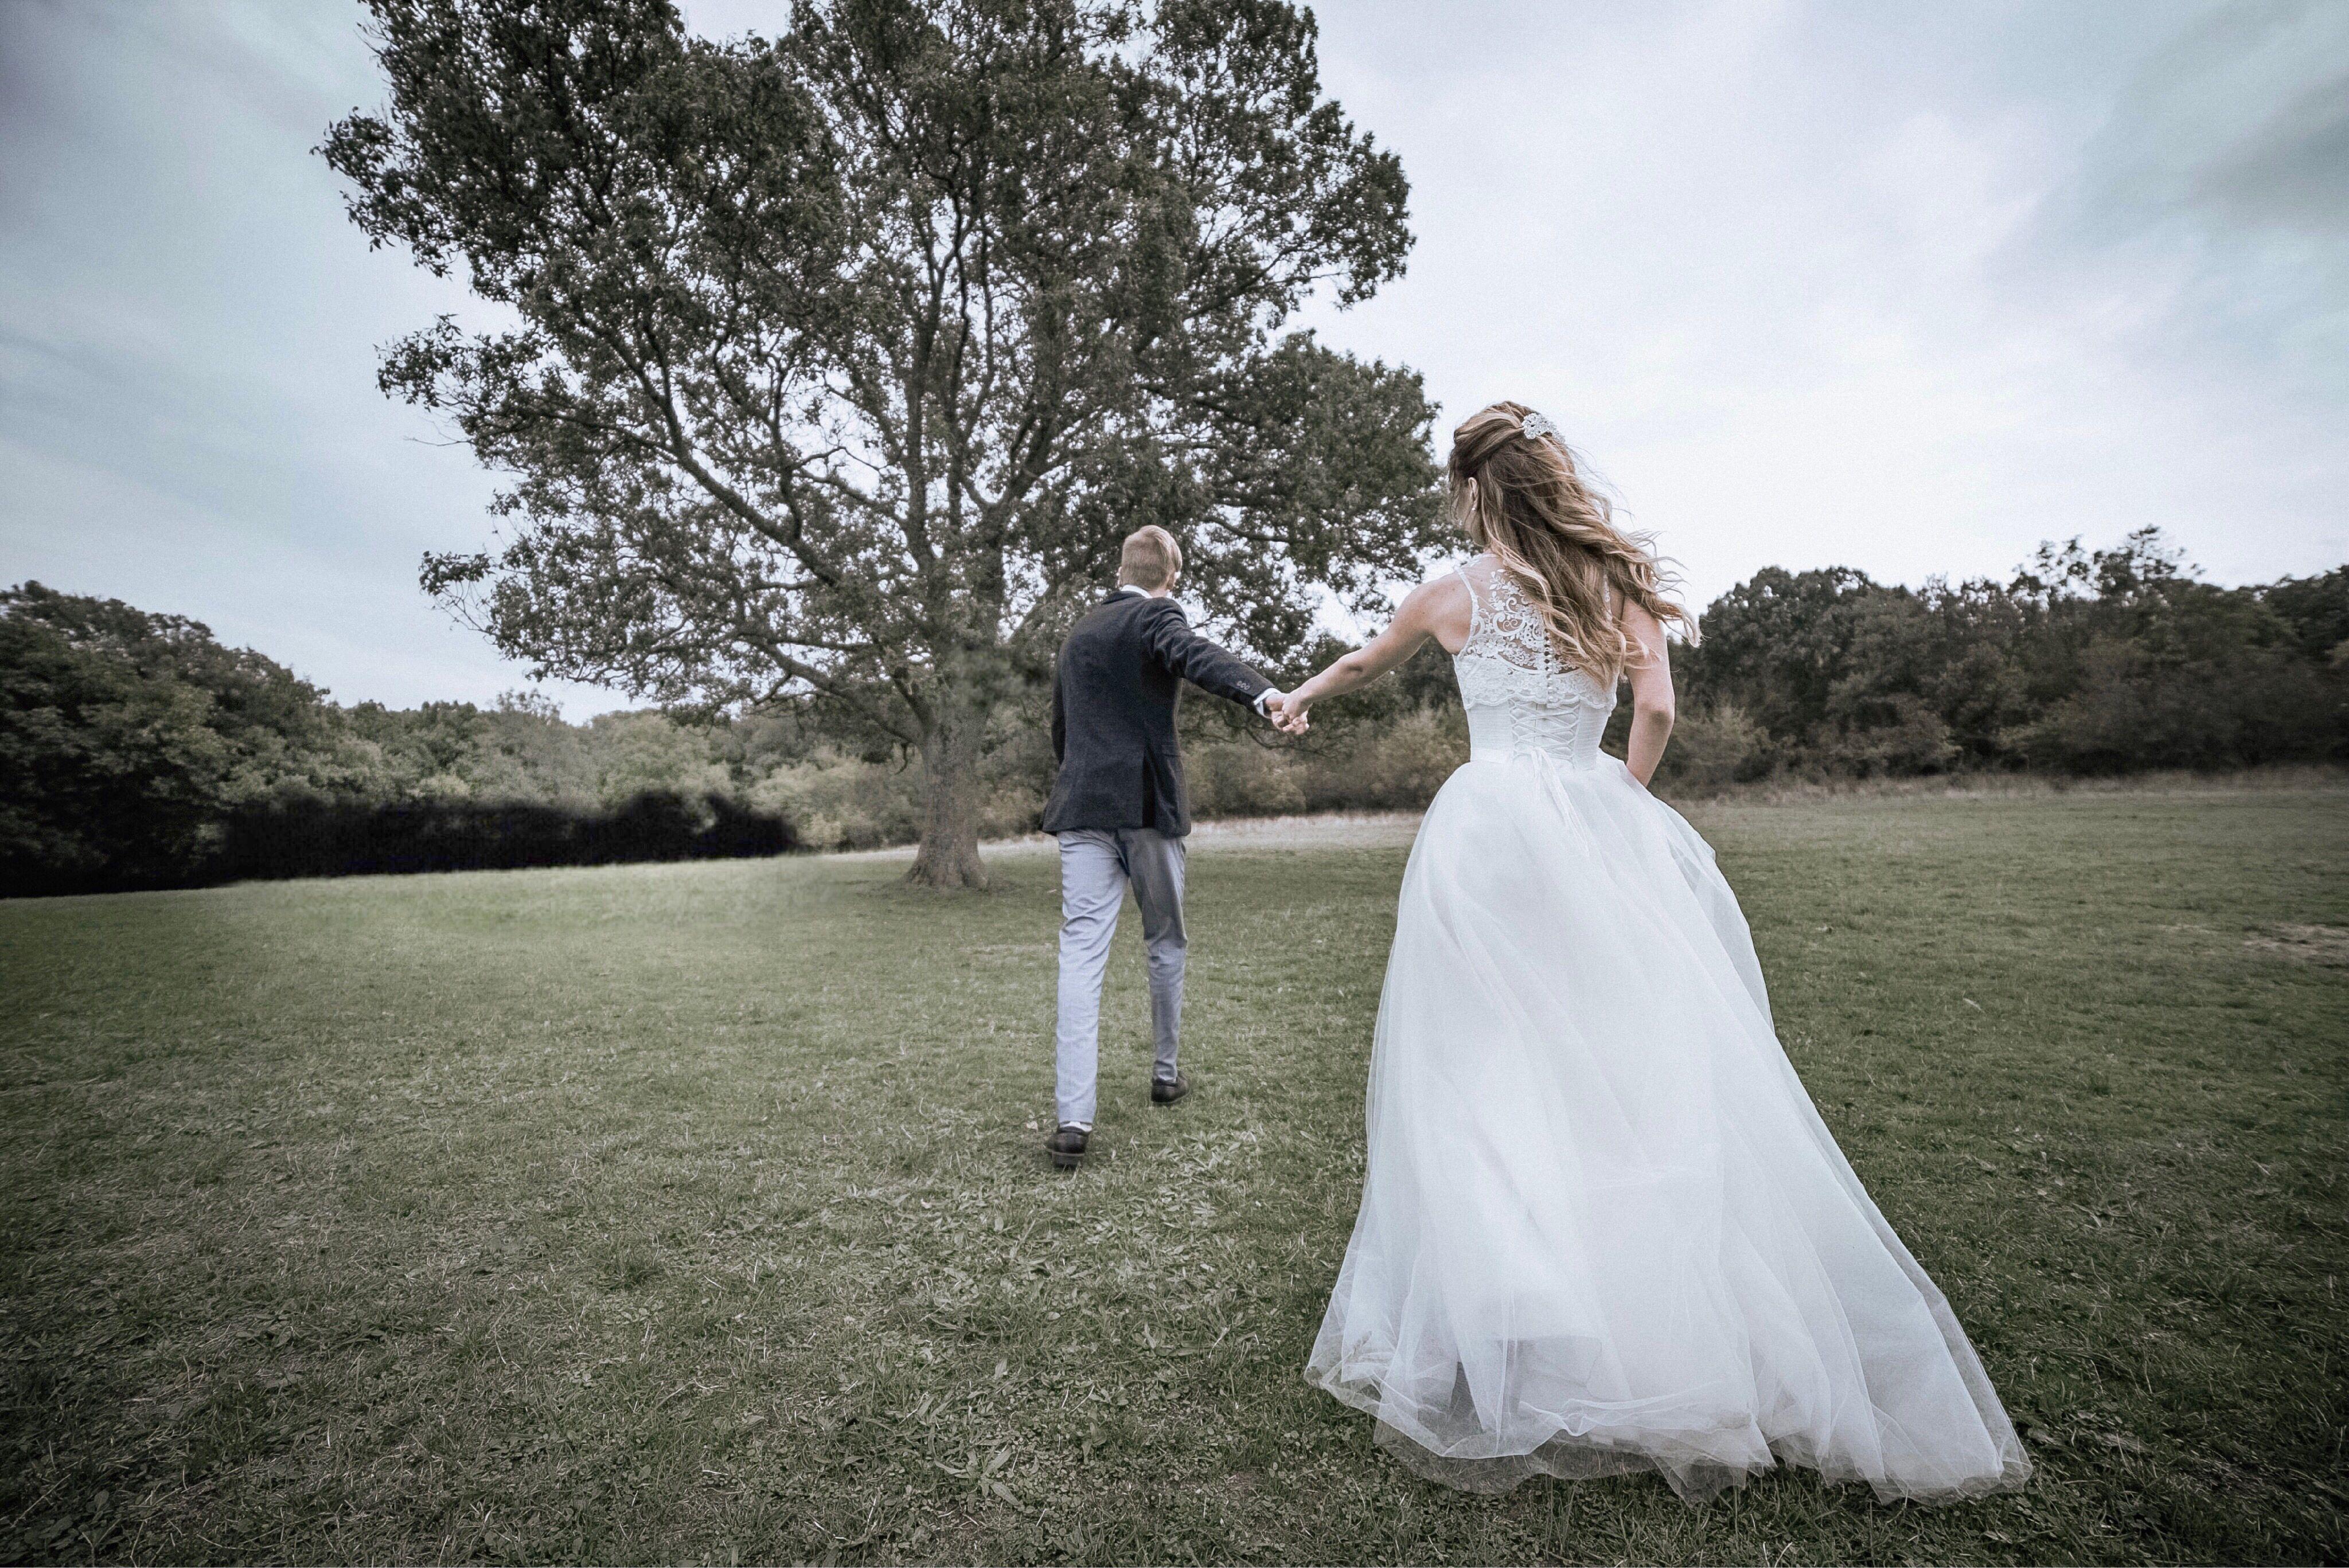 Свадебное фото, свадебное платье, идеи для фото ...